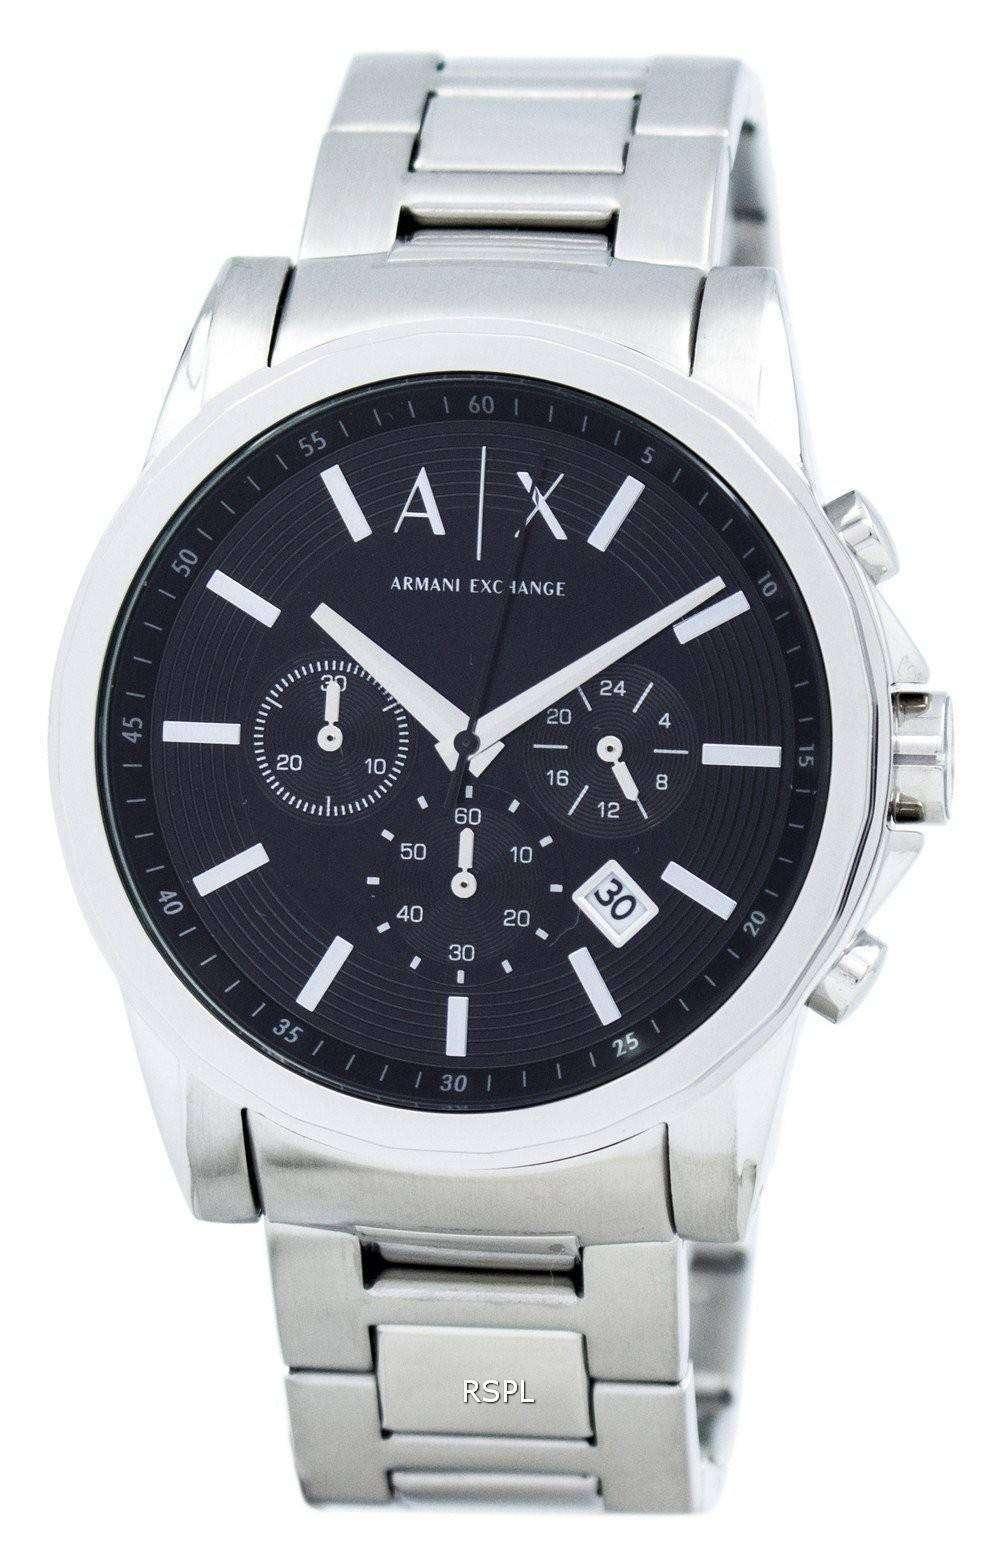 アルマーニエクス チェンジ クロノグラフ ブラック ダイヤル AX2084 メンズ腕時計